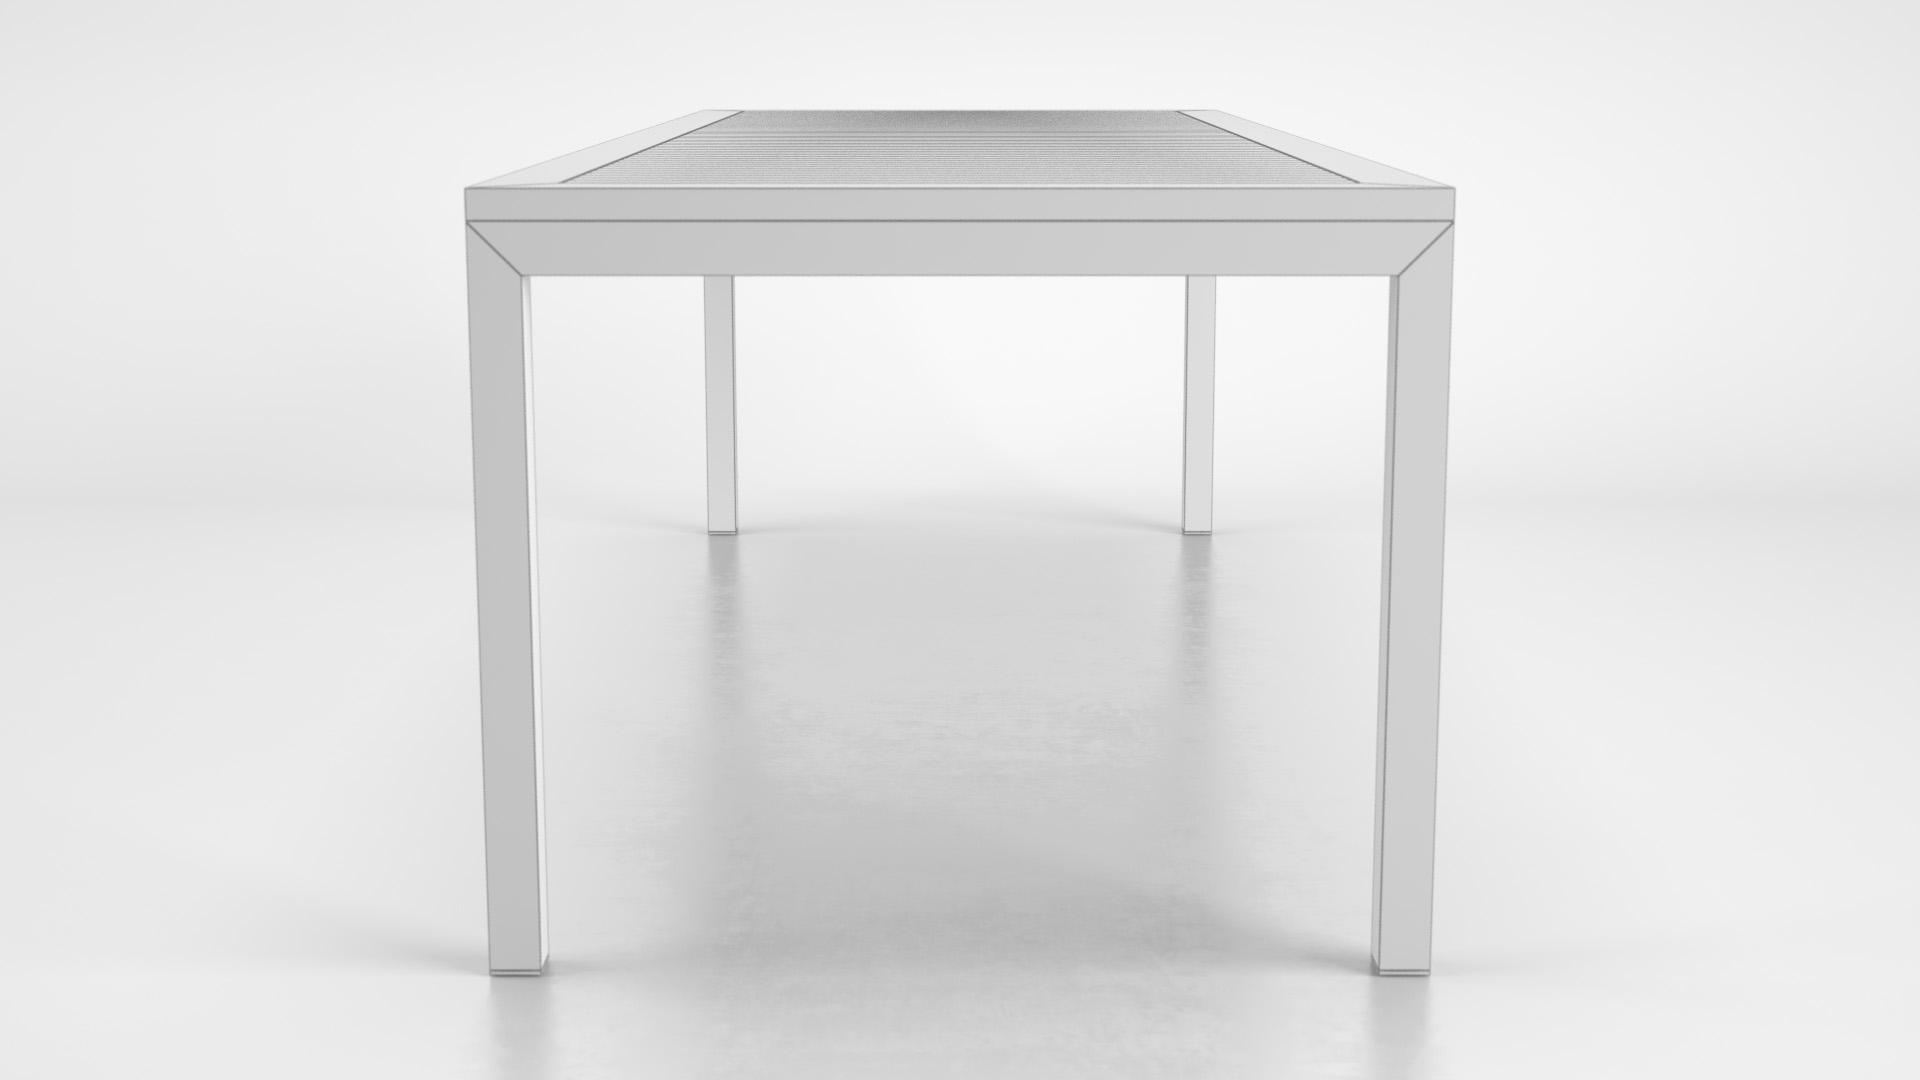 NatalTeak_Table_WhiteSet_01_wire_0002